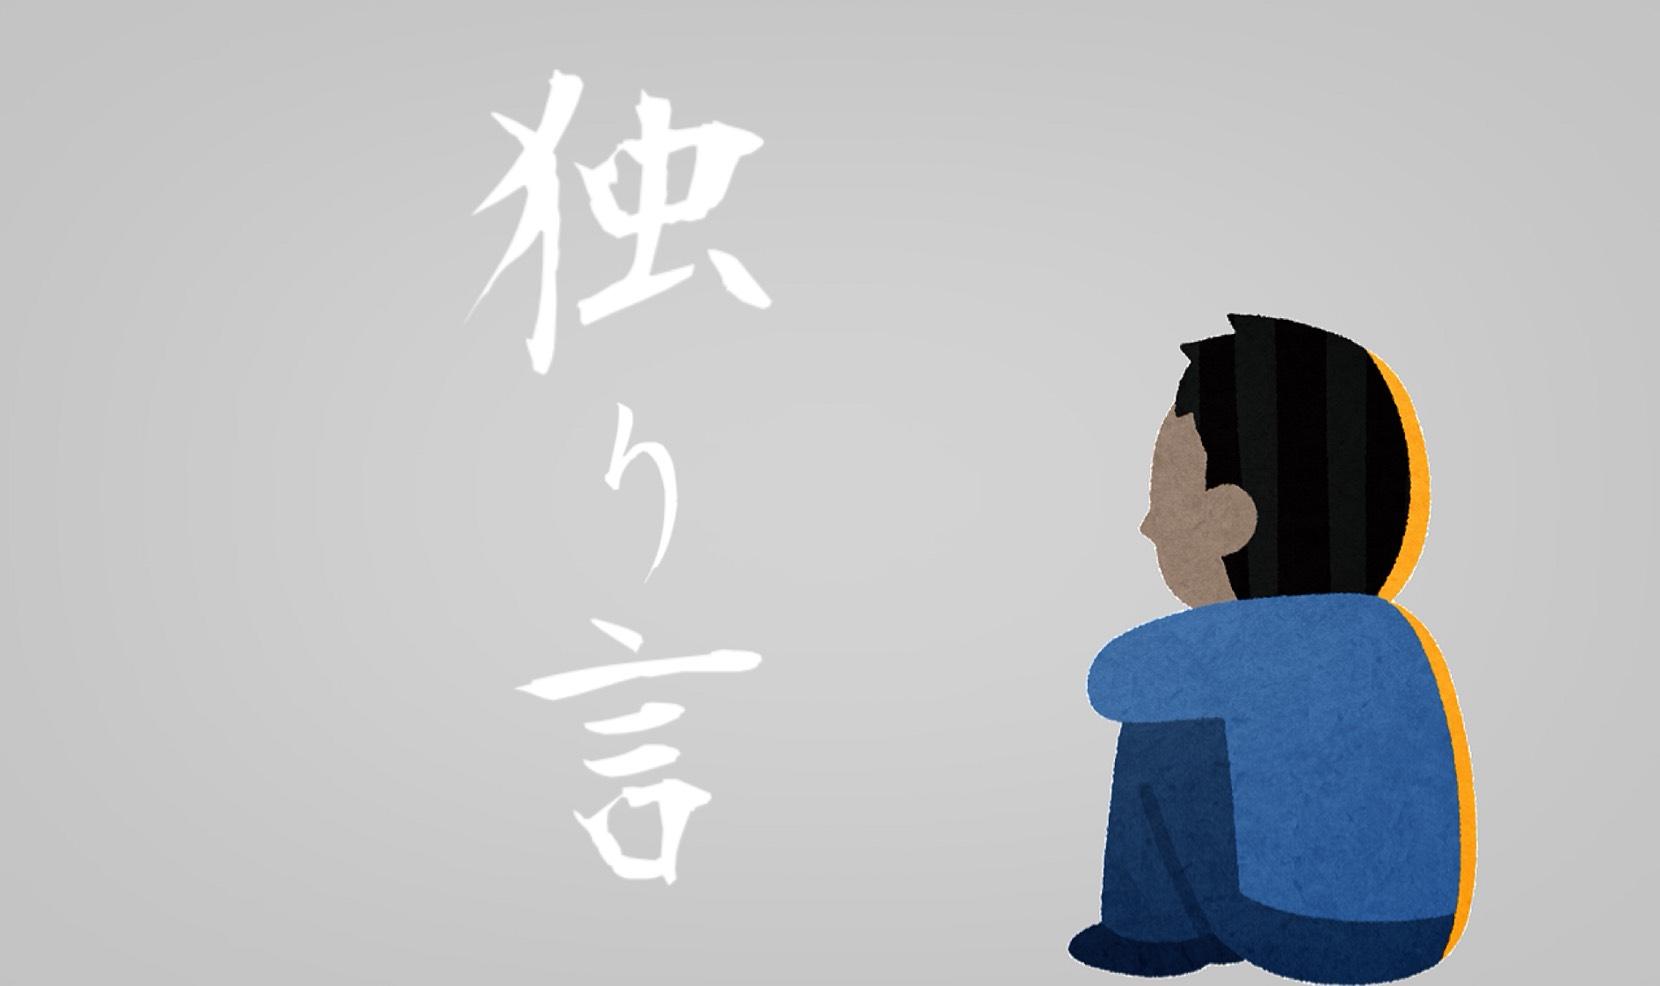 「独り言」のイメージ